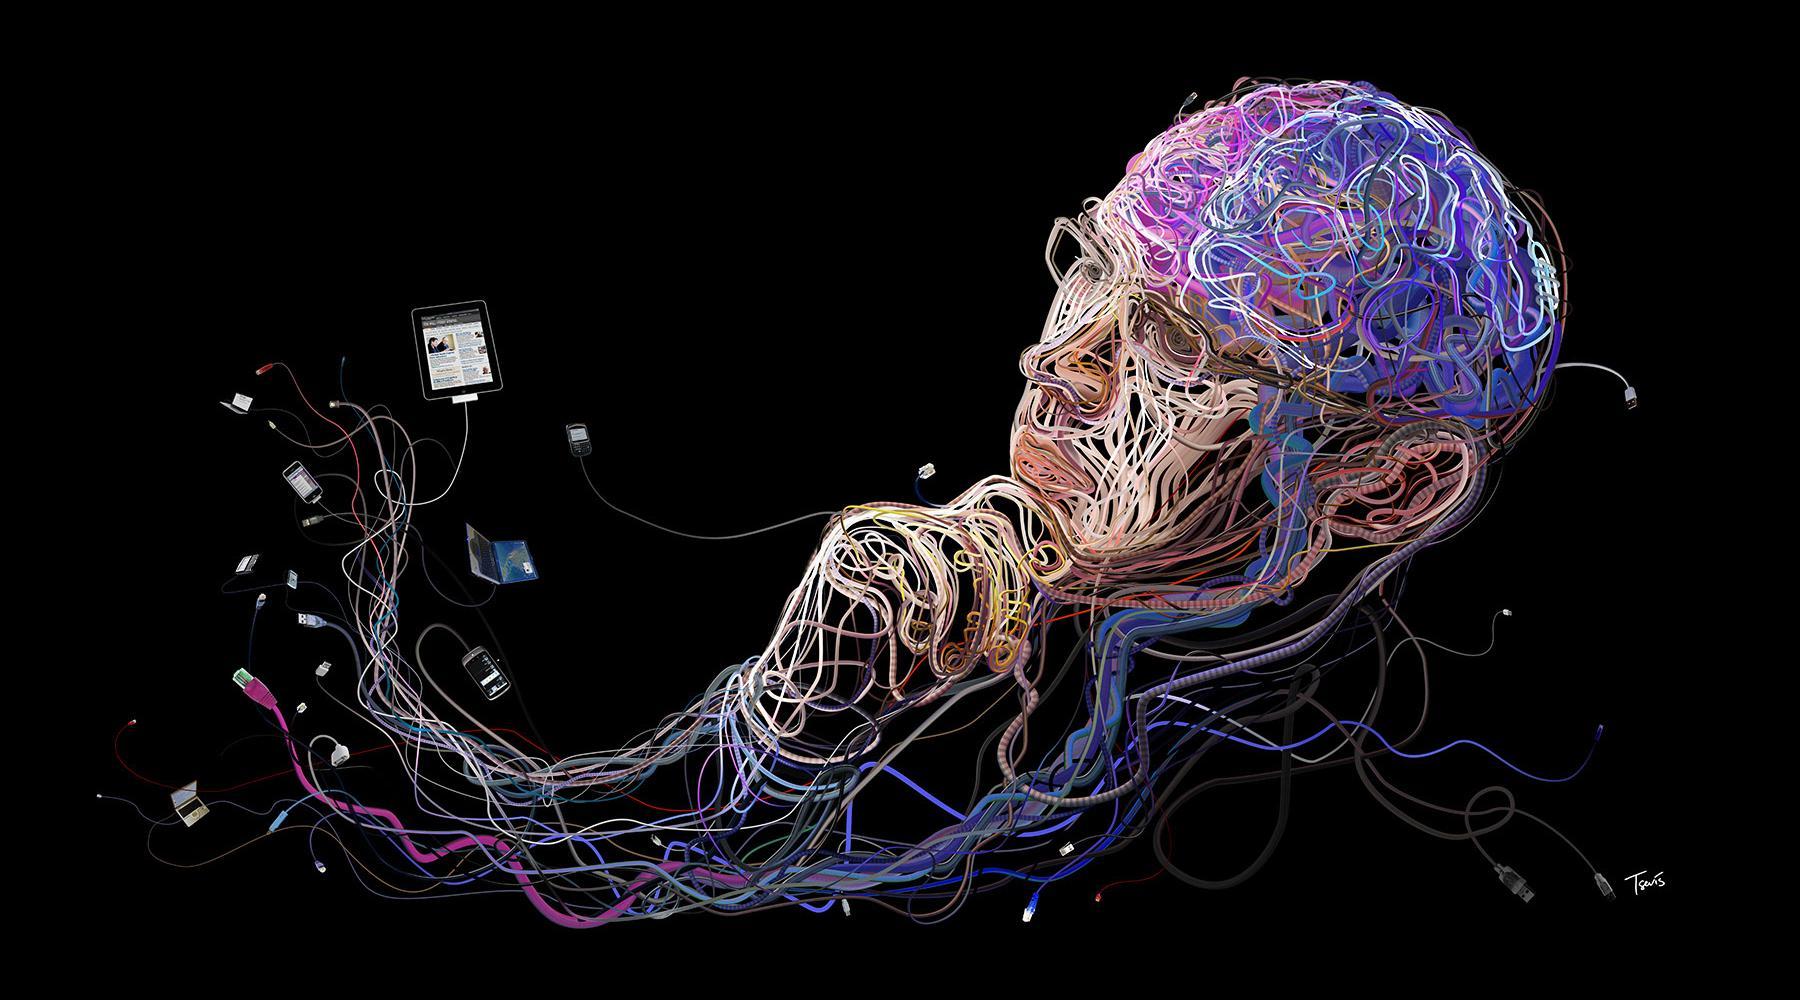 Мозг человека может вместить всю информацию Интернета